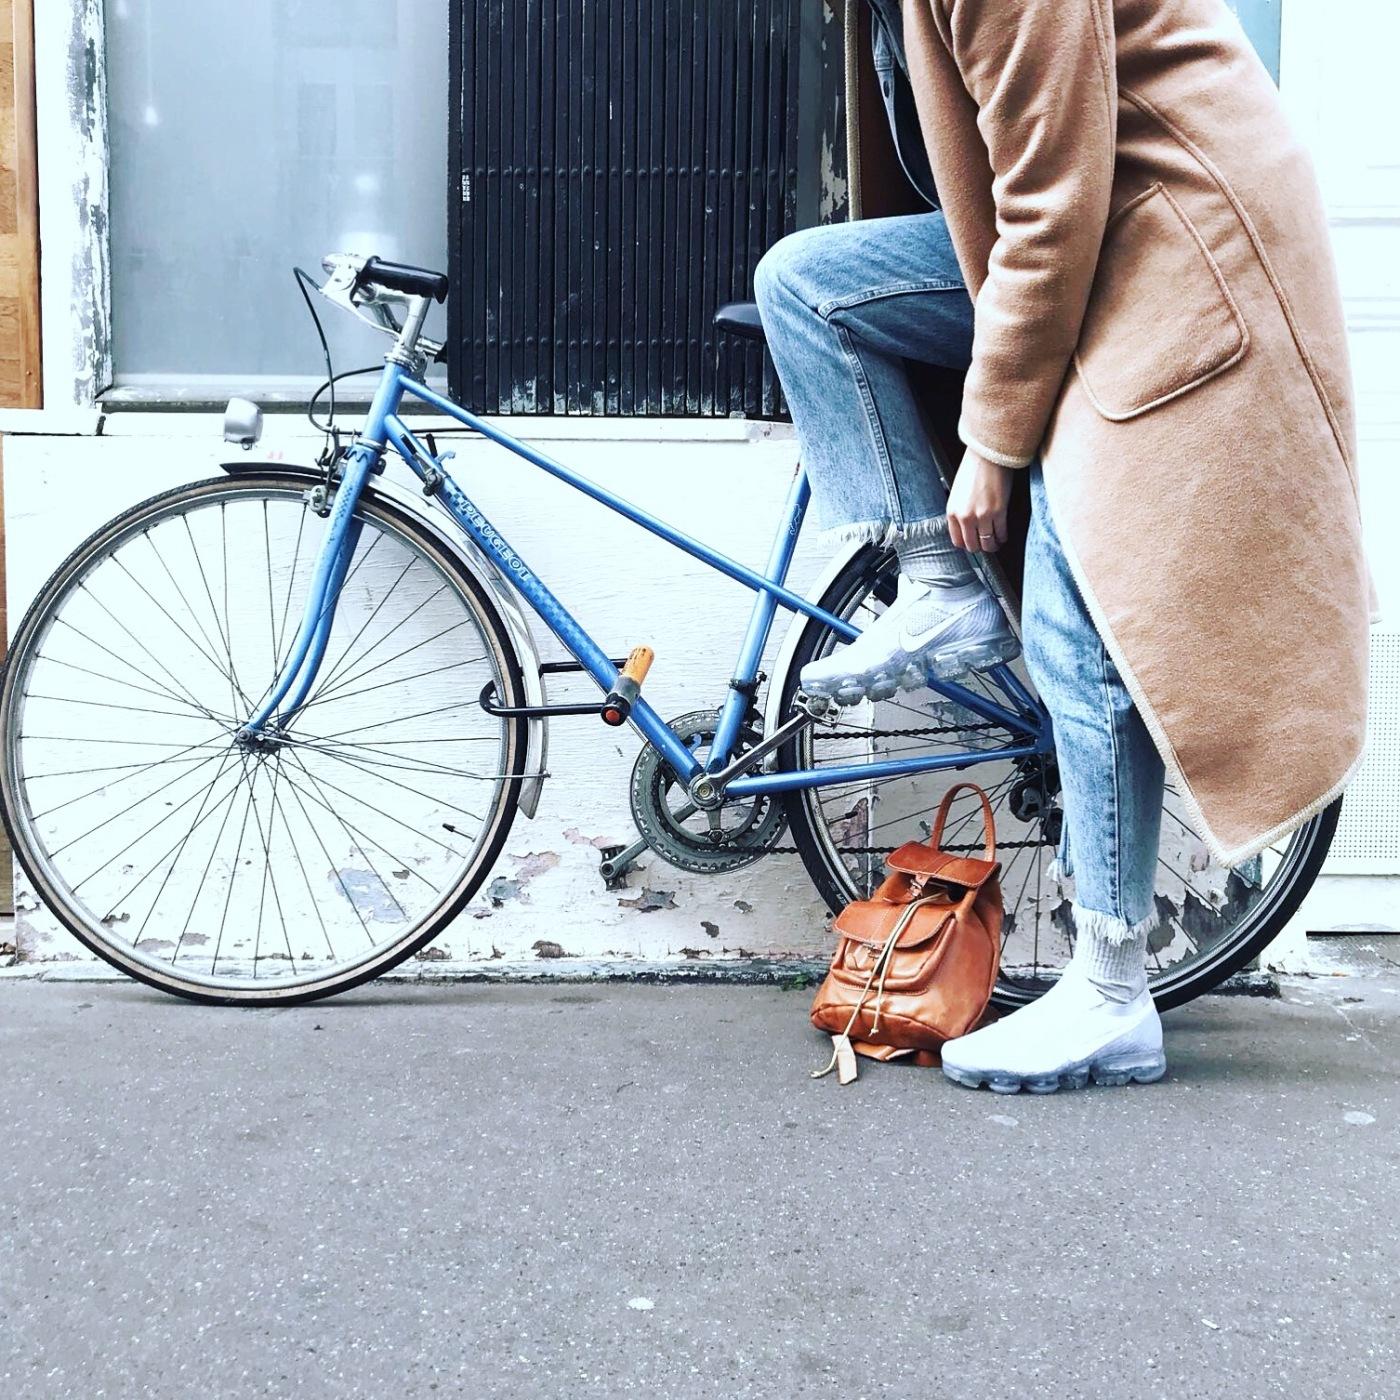 Butte aux cailles Paris visit 12